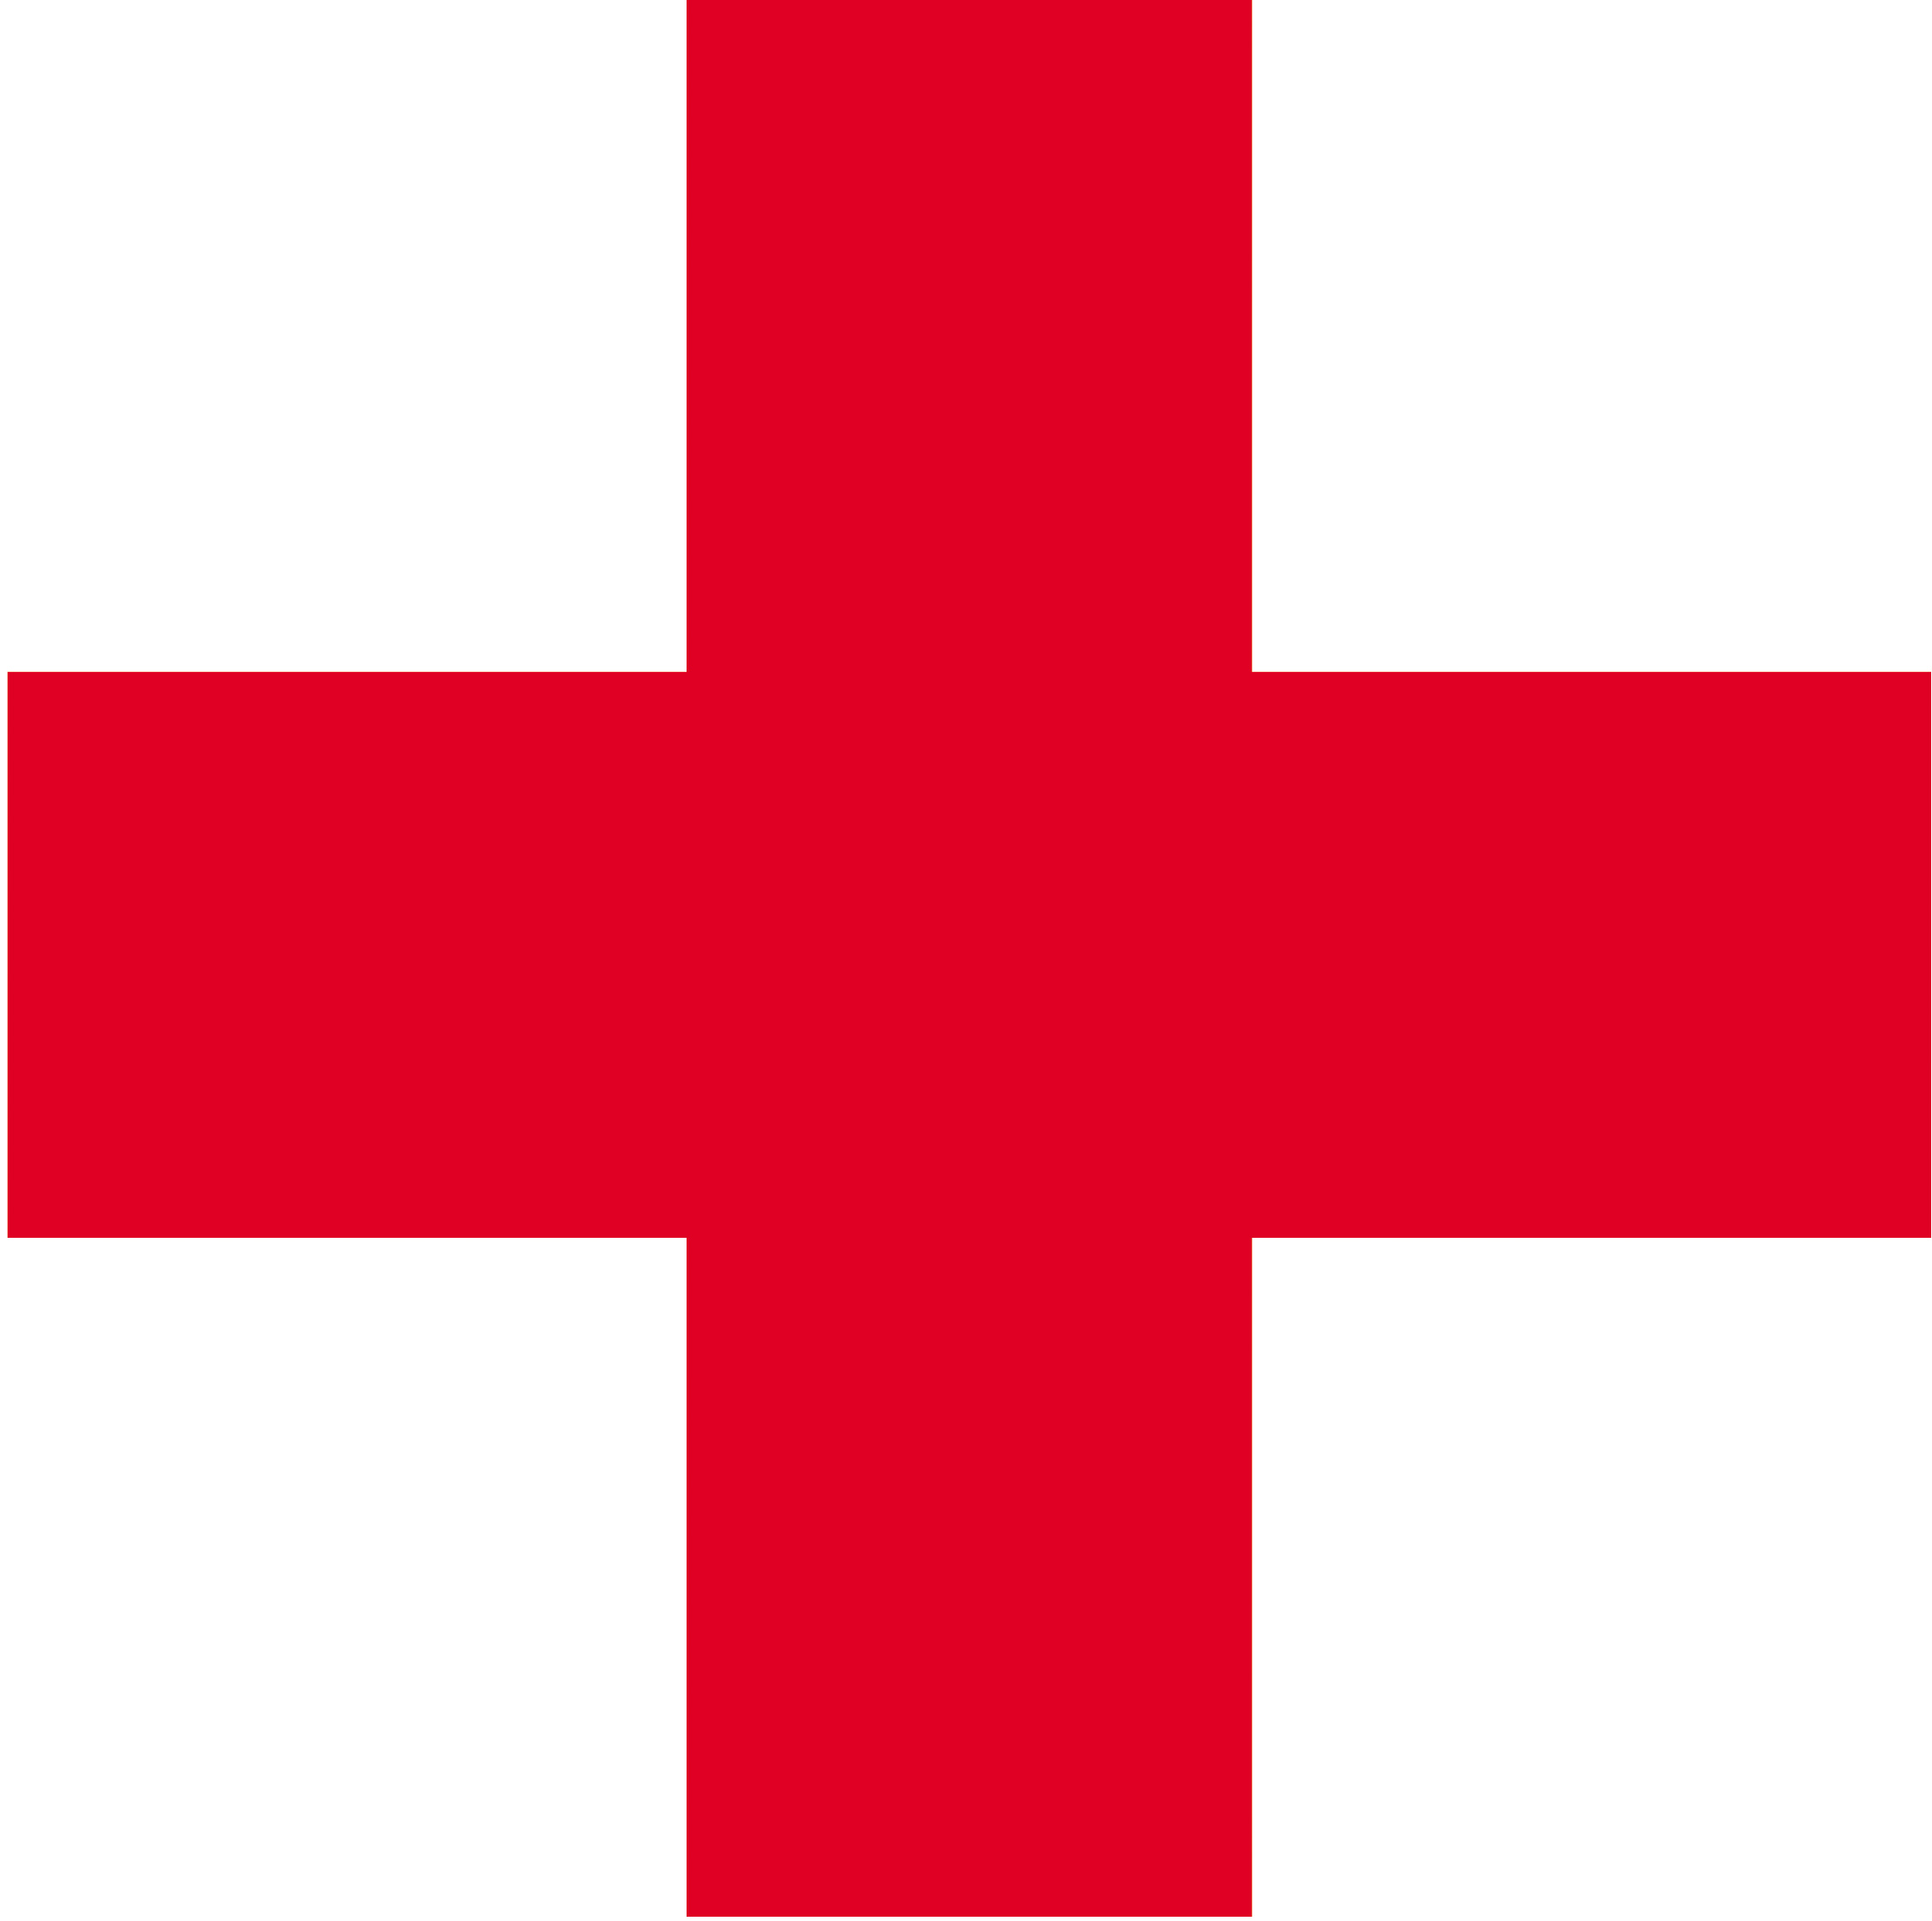 旗 旗帜 旗子 设计 矢量 矢量图 素材 2254_2241